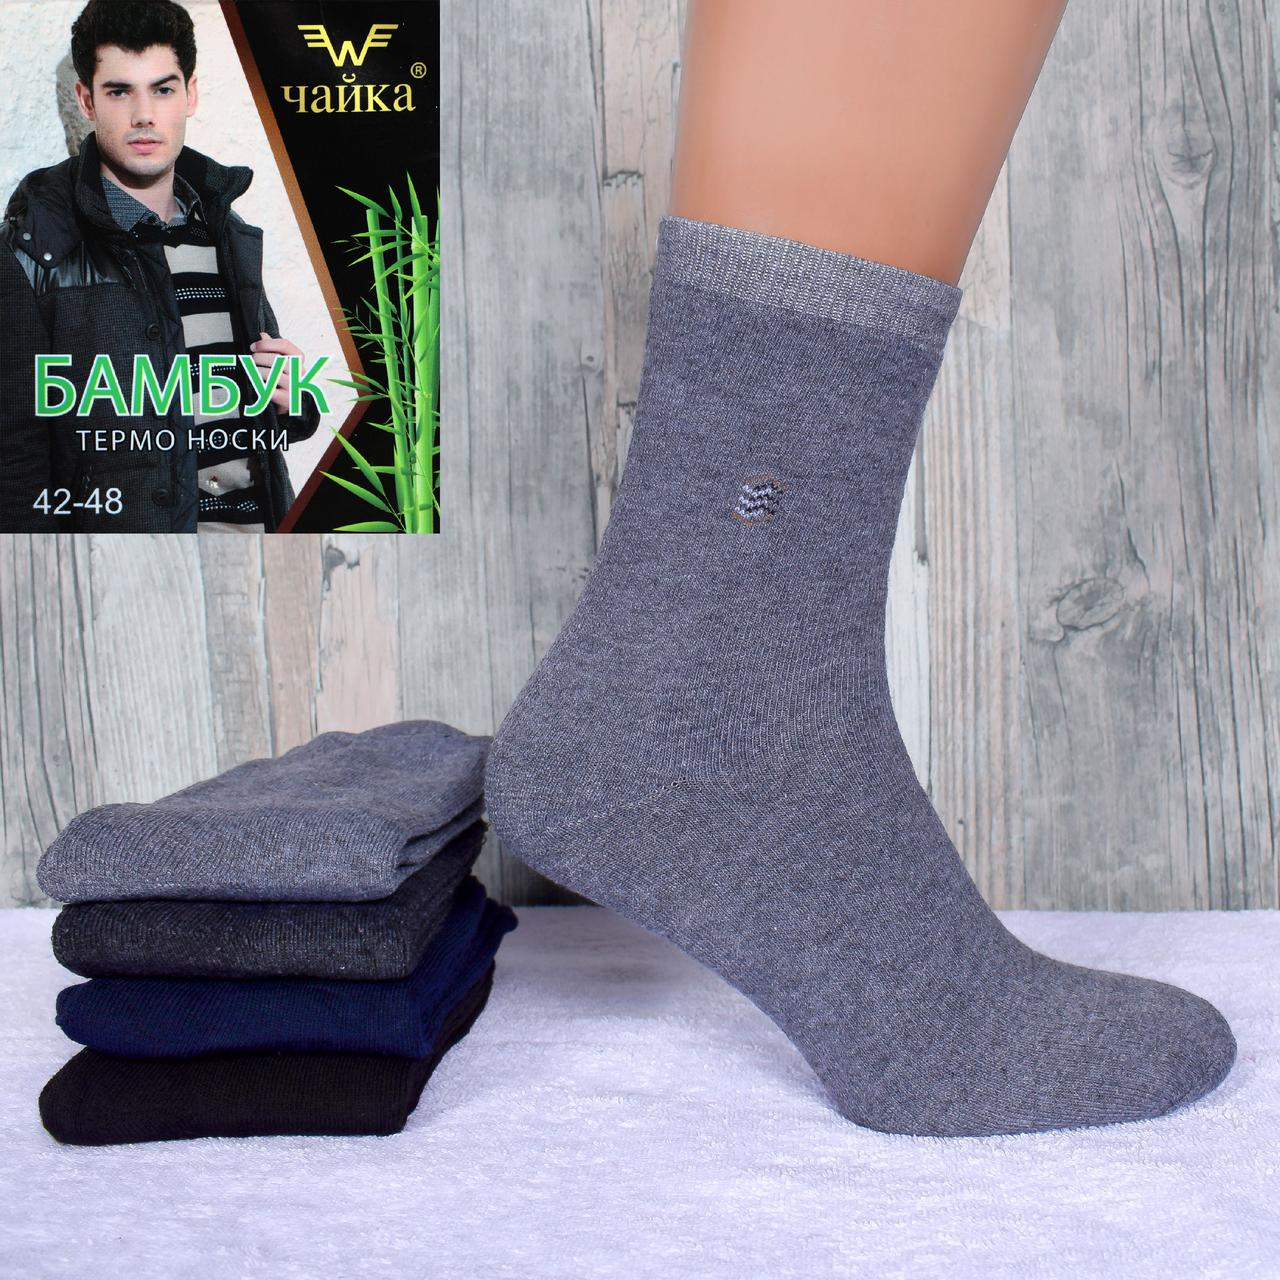 f9907d0563bcc Мужские махровые носки Чайка А851. В упаковке 12 пар.: продажа, цена ...